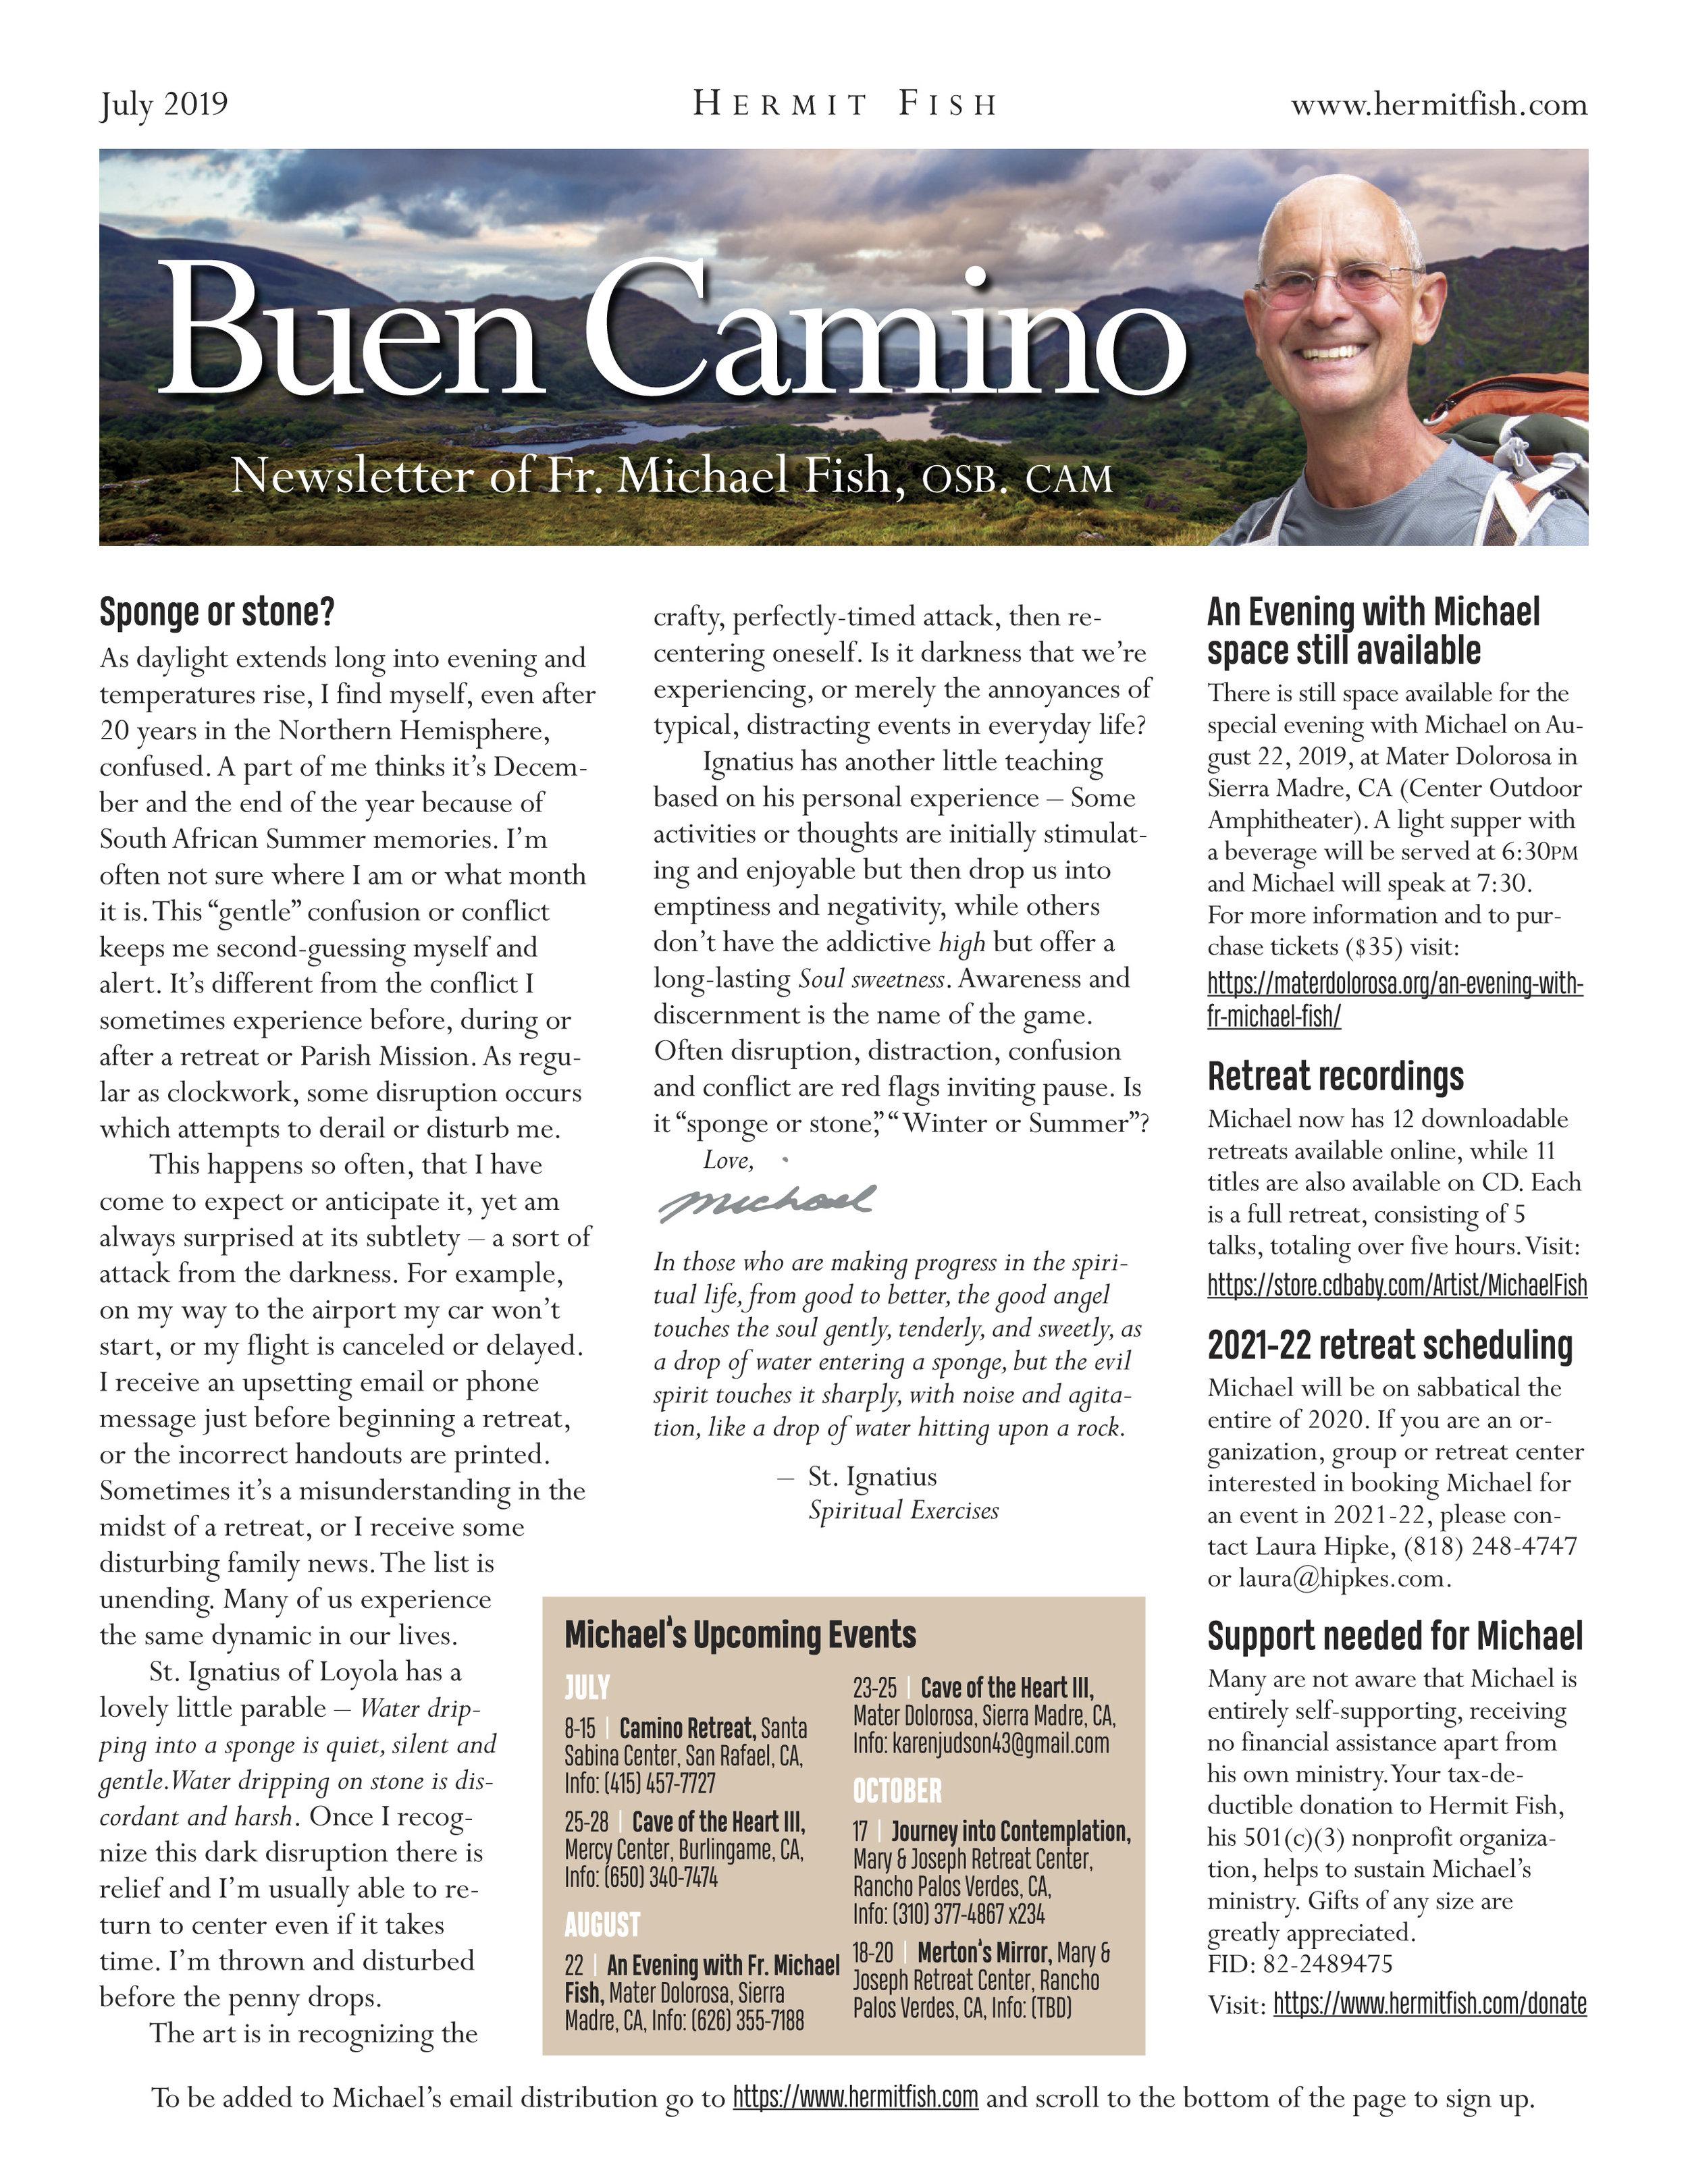 Buen Camino July 2019.jpg